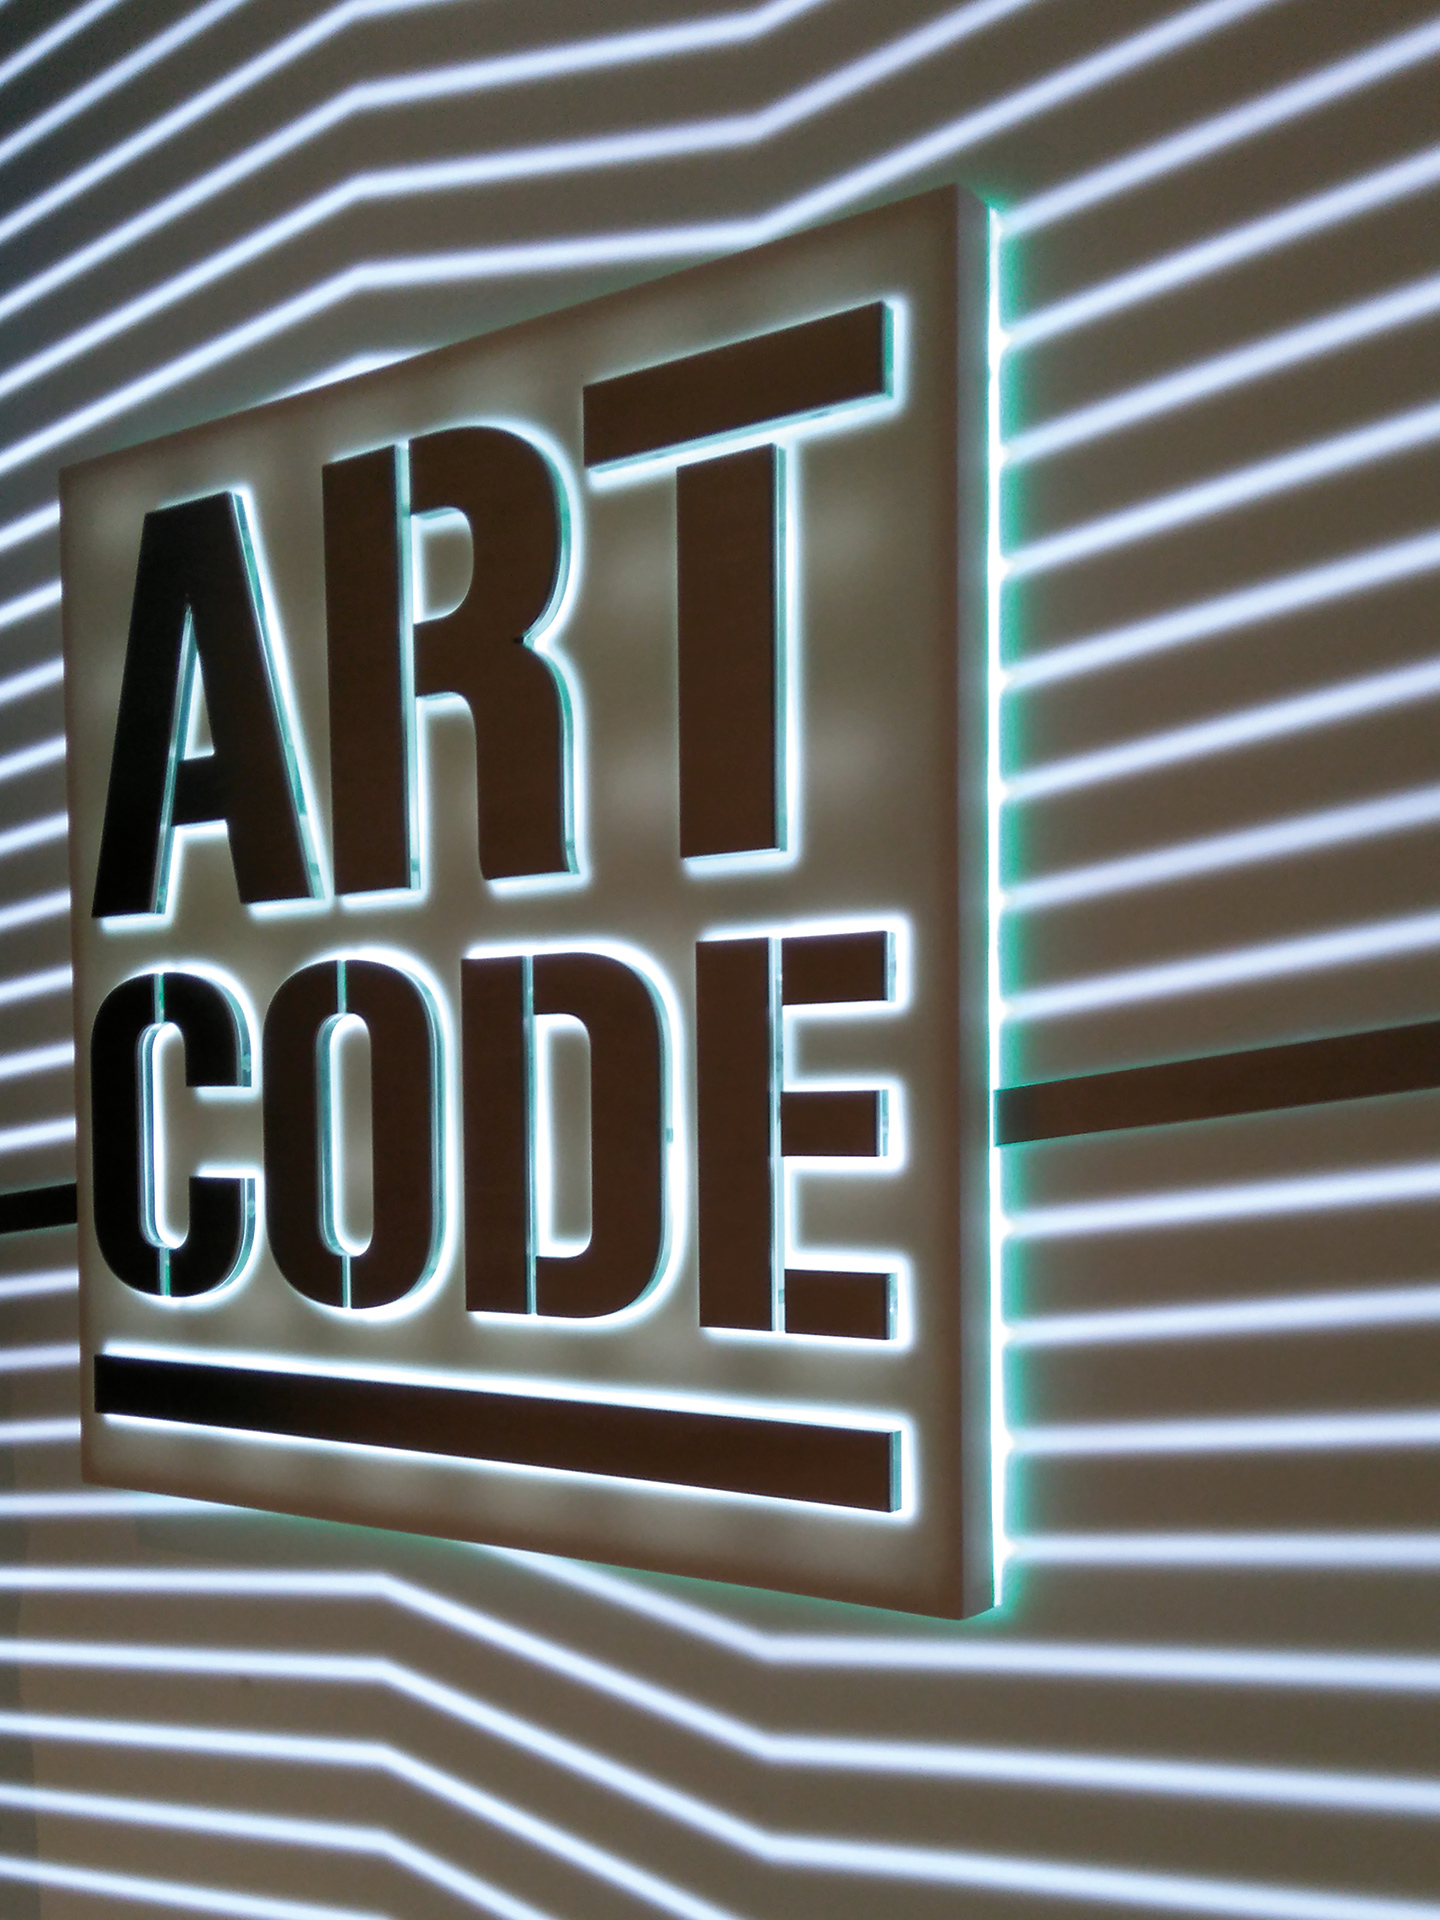 Résidence Art code : Hall d'accueil